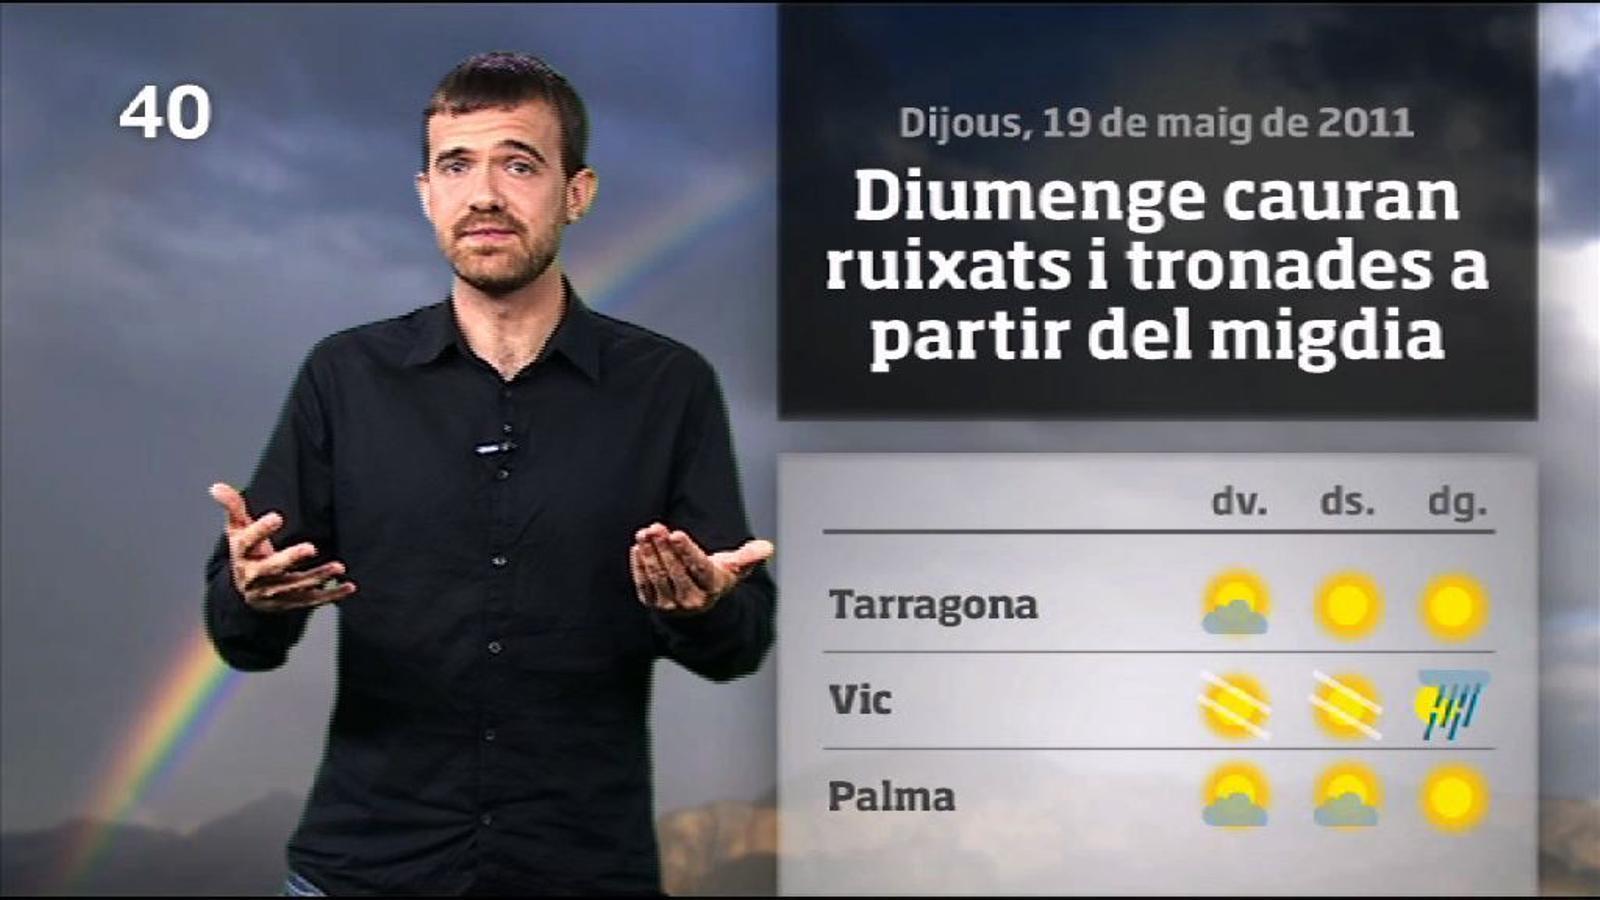 La méteo en 1 minut: el cap de setmana començarà amb sol (19/05/2011)